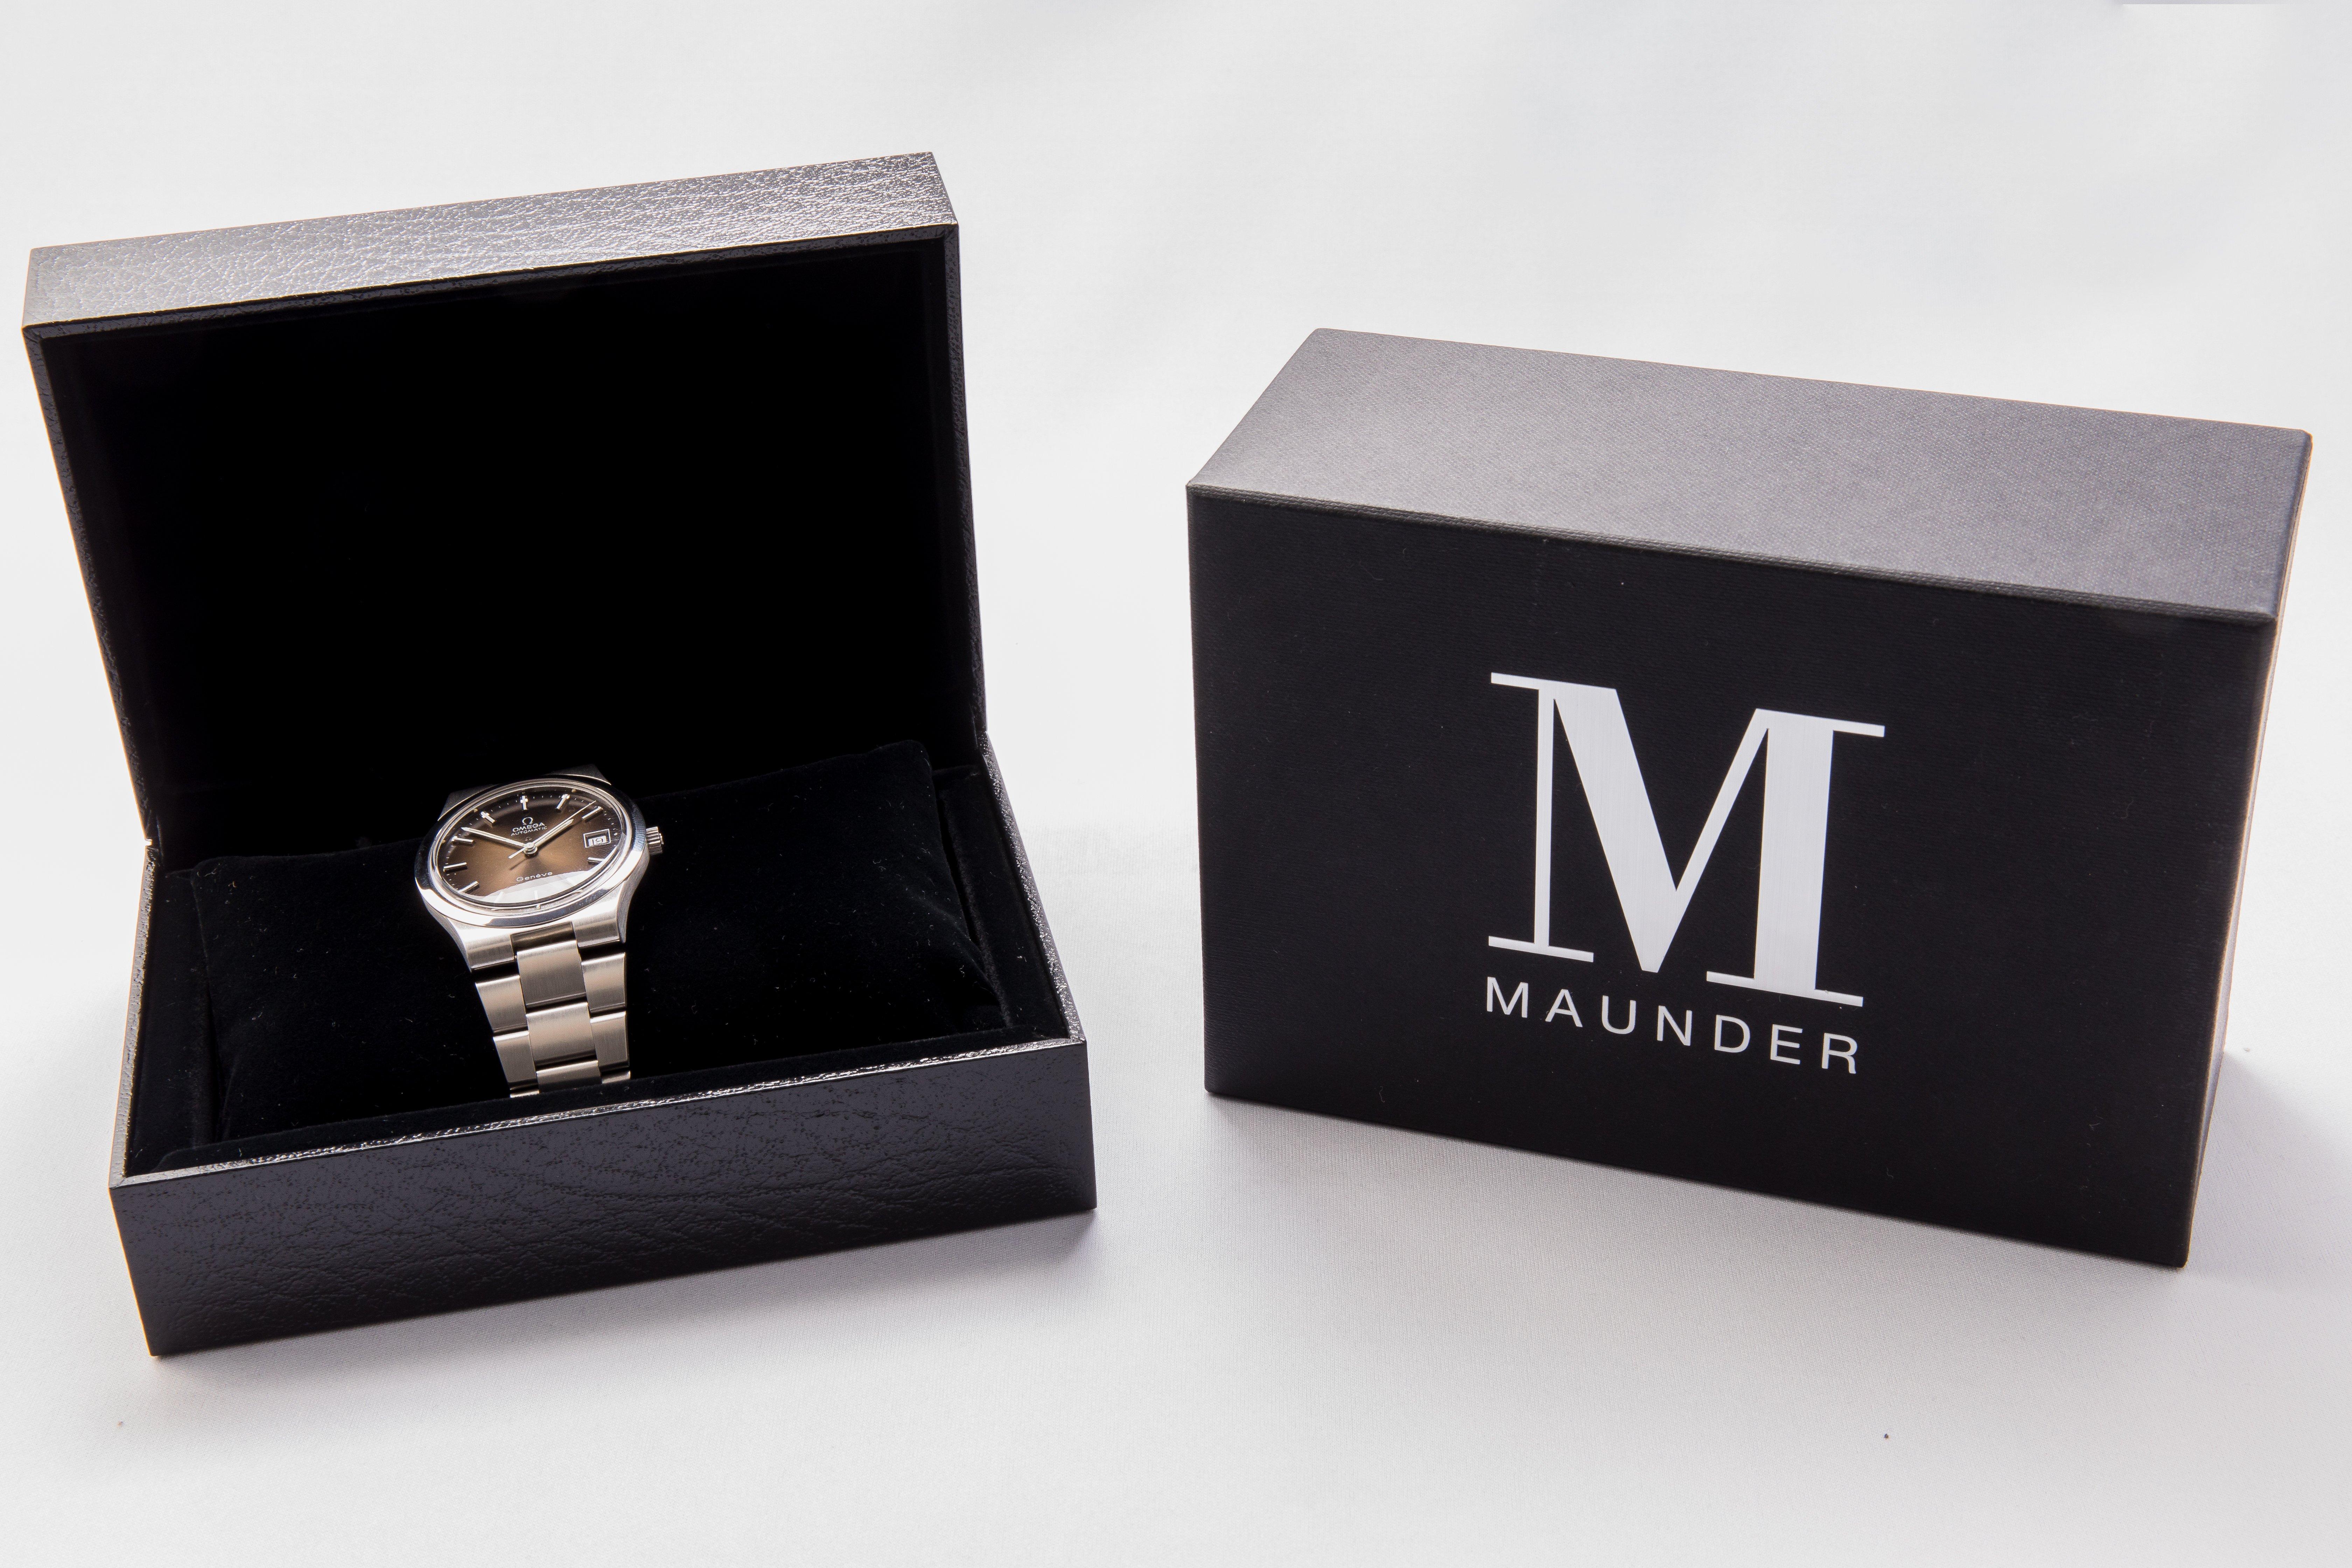 nouveau concept a71e2 9cf00 Vintage Omega Geneve - Maunder Watch Co.